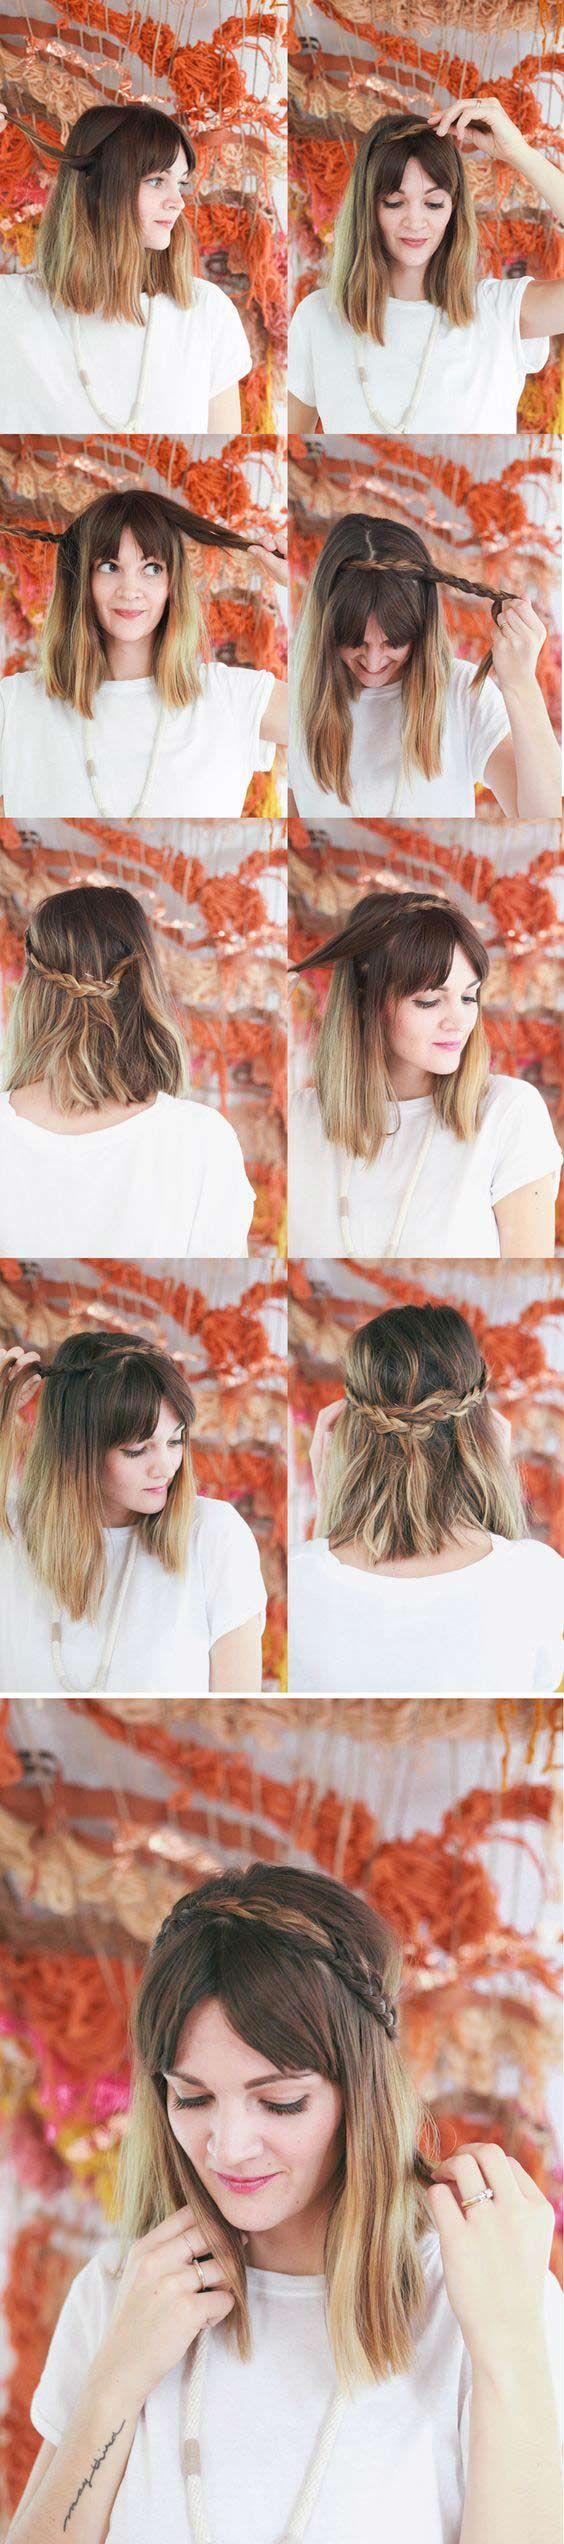 Si decidiste cambiar de look y te cortaste el fleco, ¡lúcelo! y nada mejor que con estas ideas de peinados que te irán genial con fleco.